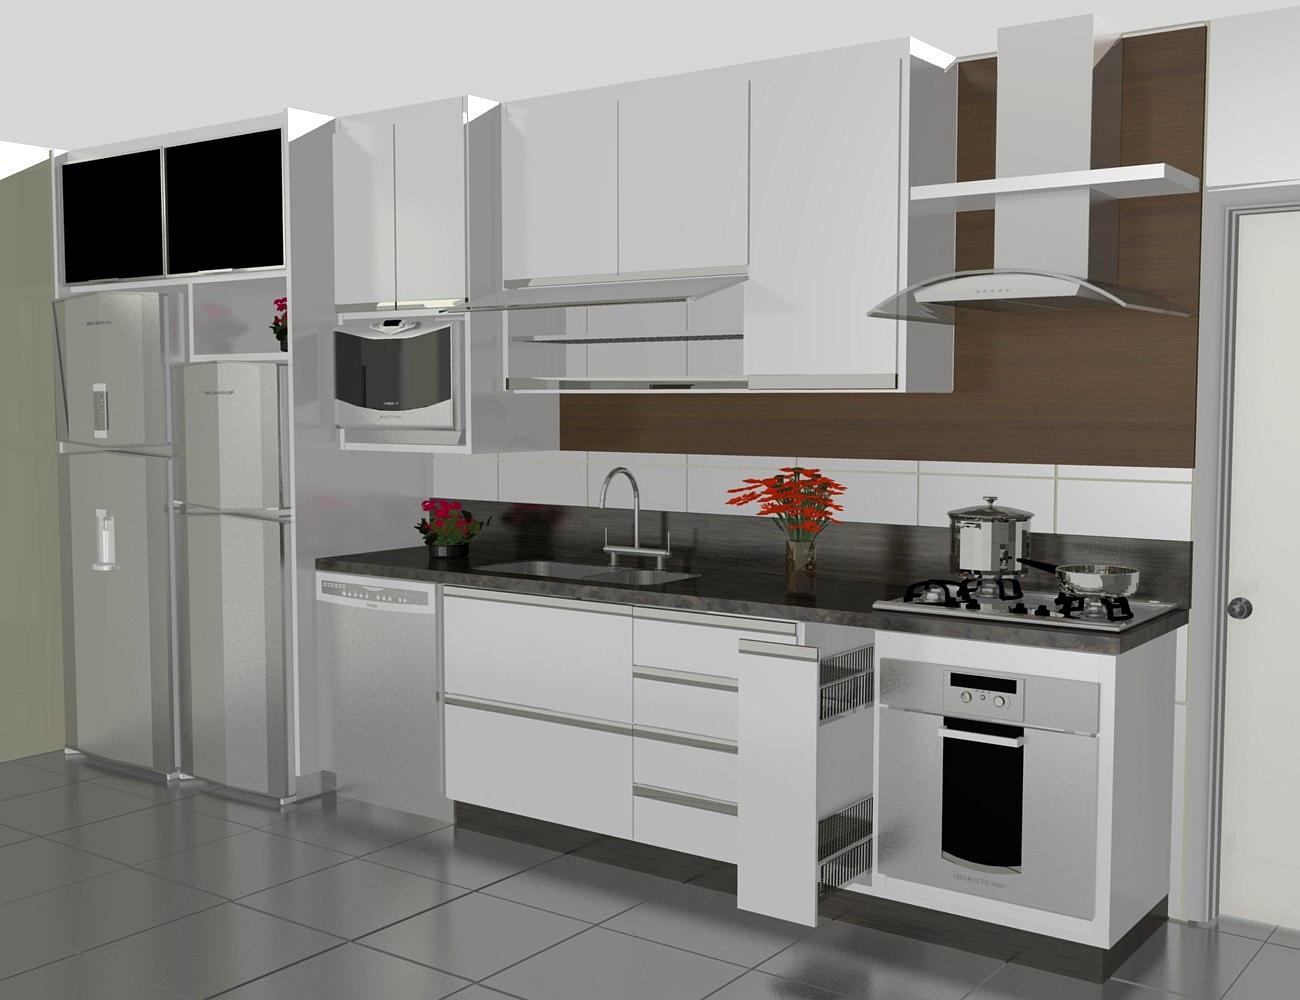 cozinhas pias para cozinhas revestimento para cozinhas cozinhas #5D4839 1300 1000